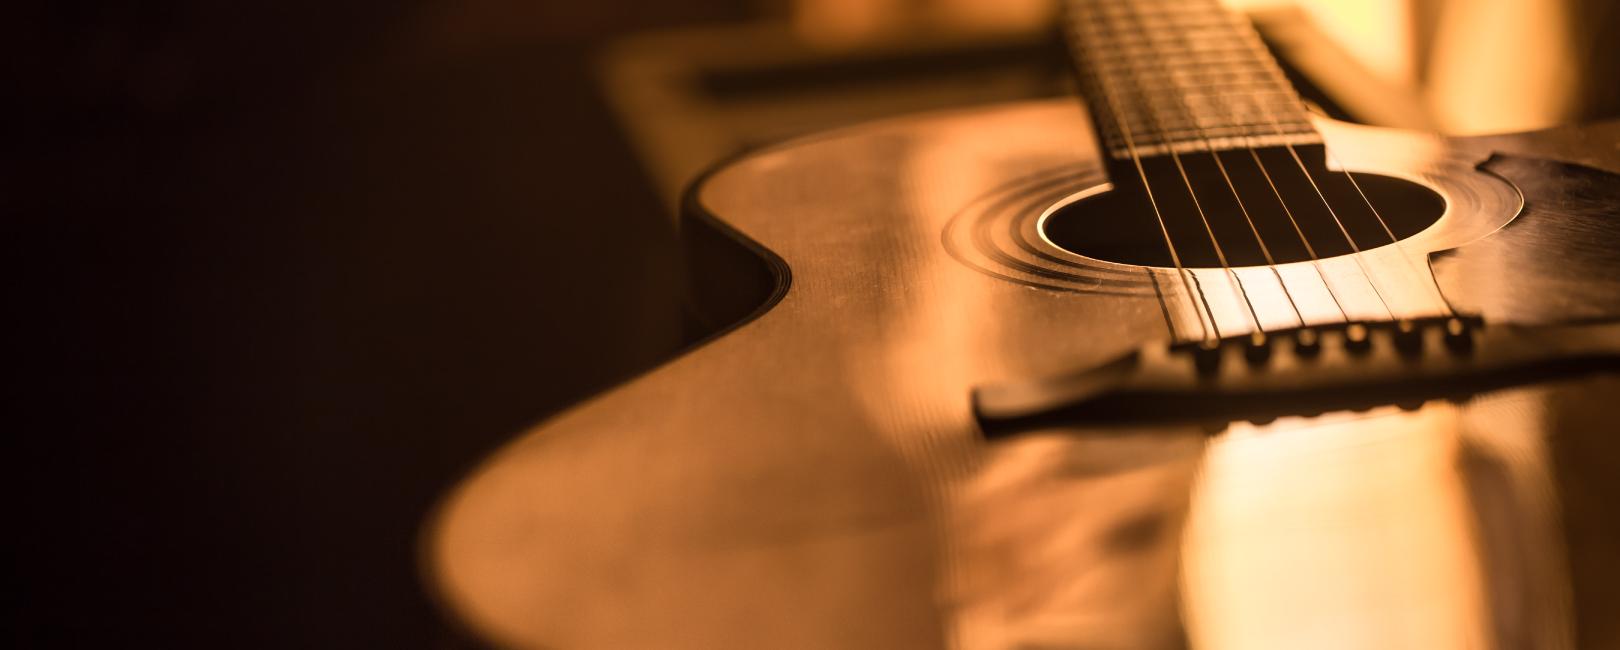 La Música no habla, simplemente escucha y nos ayuda a encontrar motivos y emociones